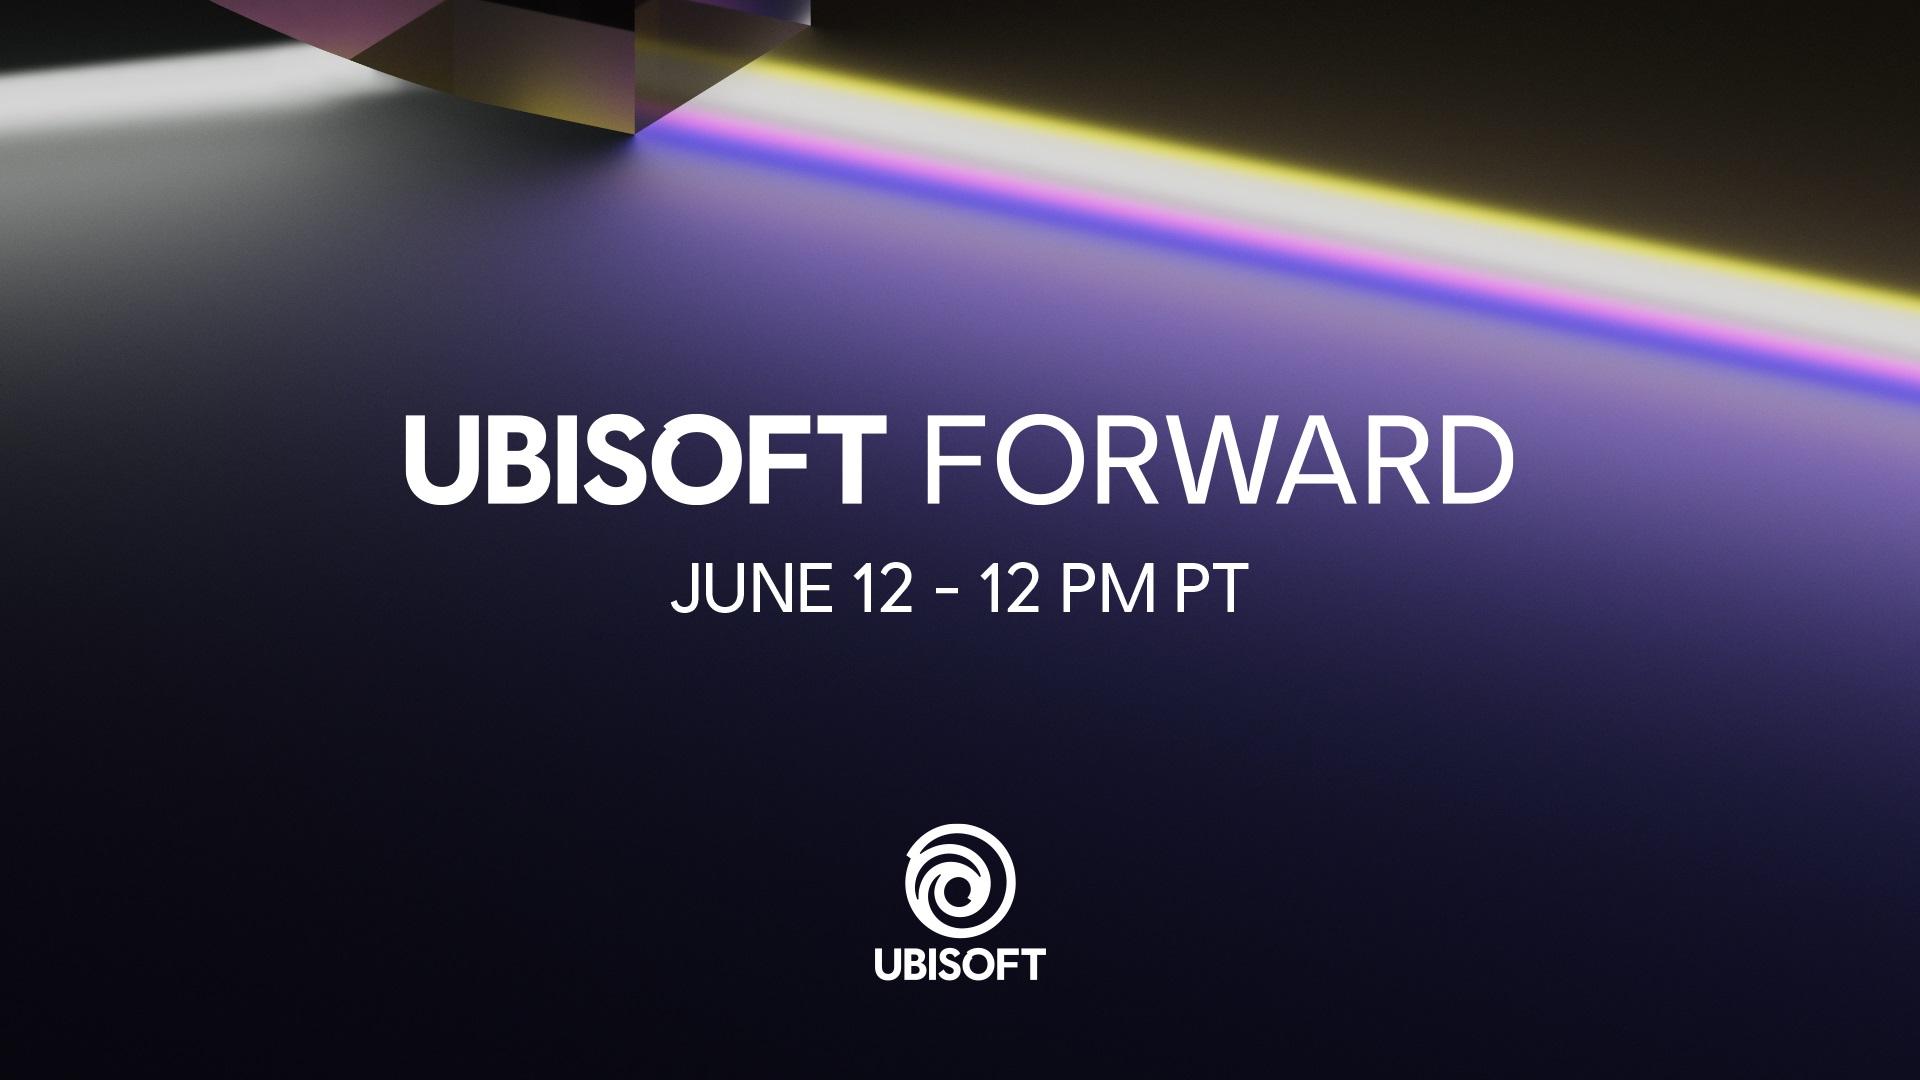 Ubisoft spikar datum för sin E3-show Skriv in 12 juni 21:00 i kalendern